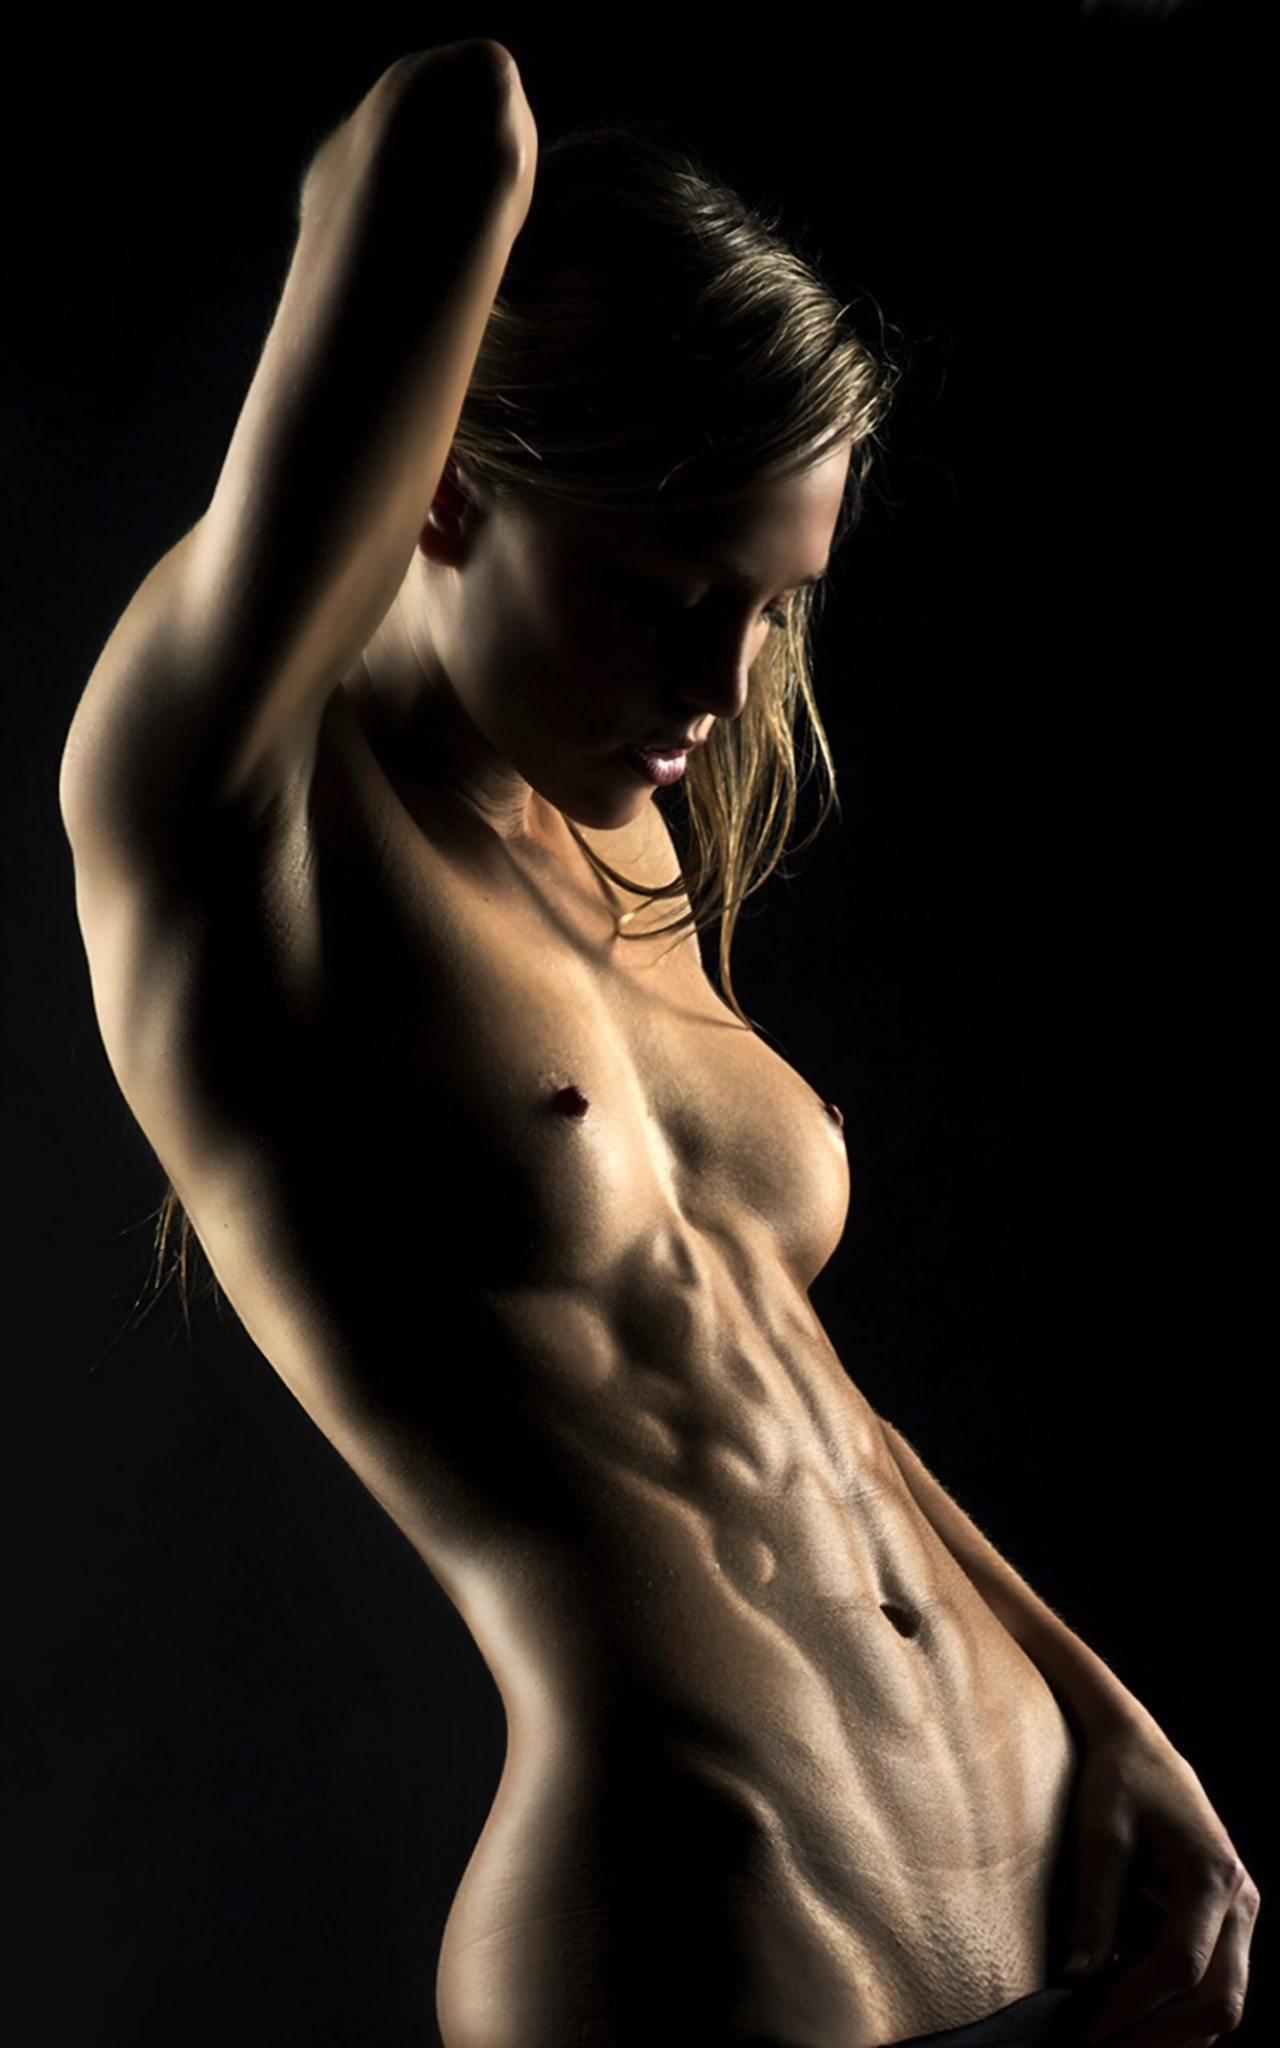 Corpo Musculoso